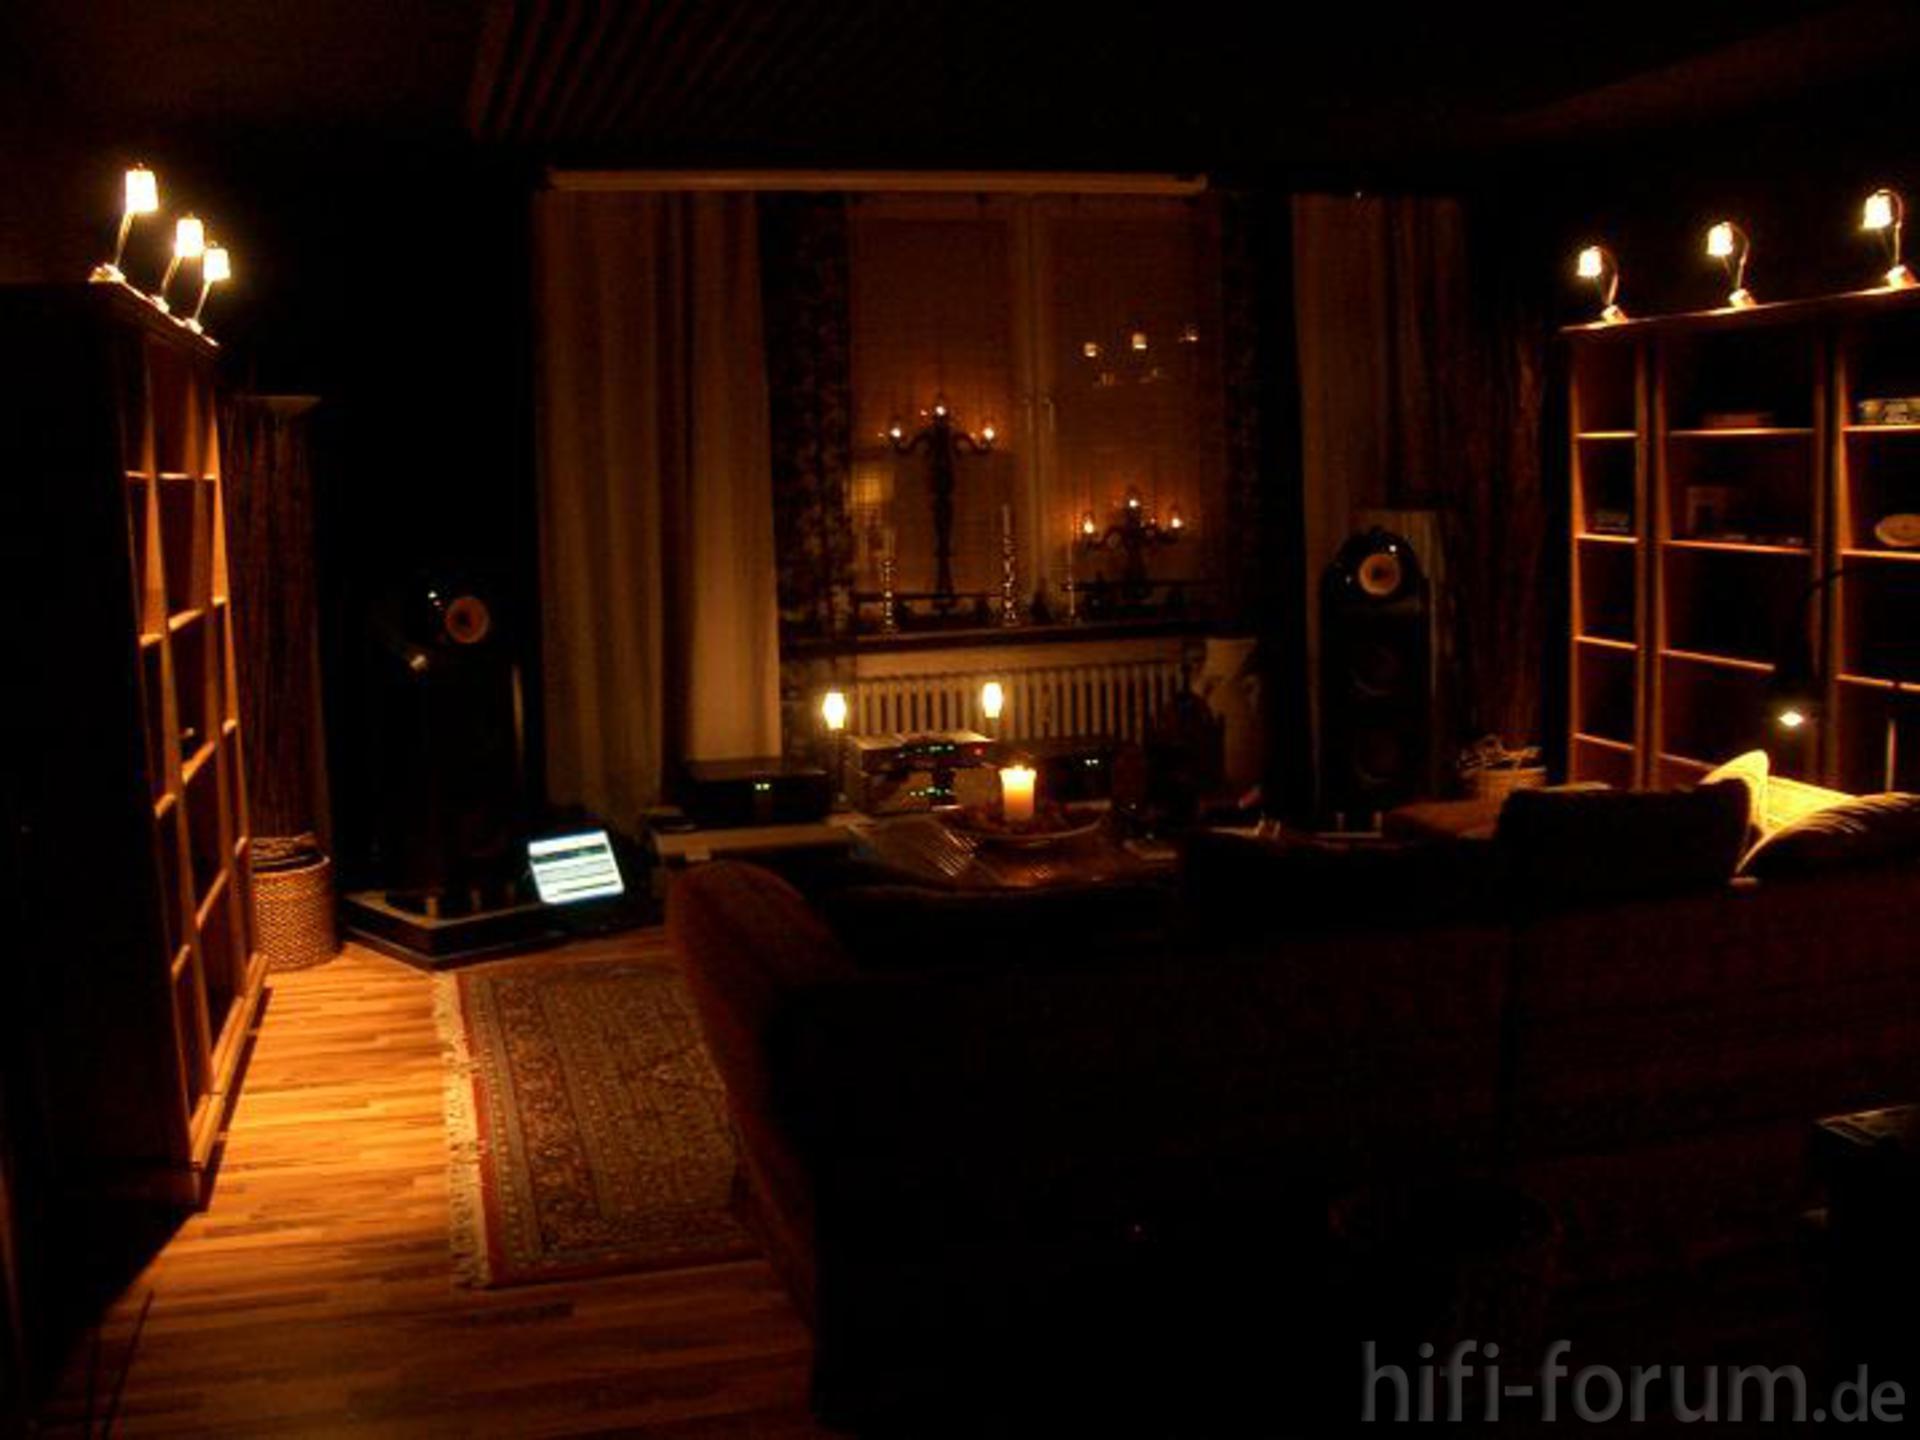 wohnzimmer fast fertig gestalltet decken und kantenabsorber sichtbar decken fertig. Black Bedroom Furniture Sets. Home Design Ideas